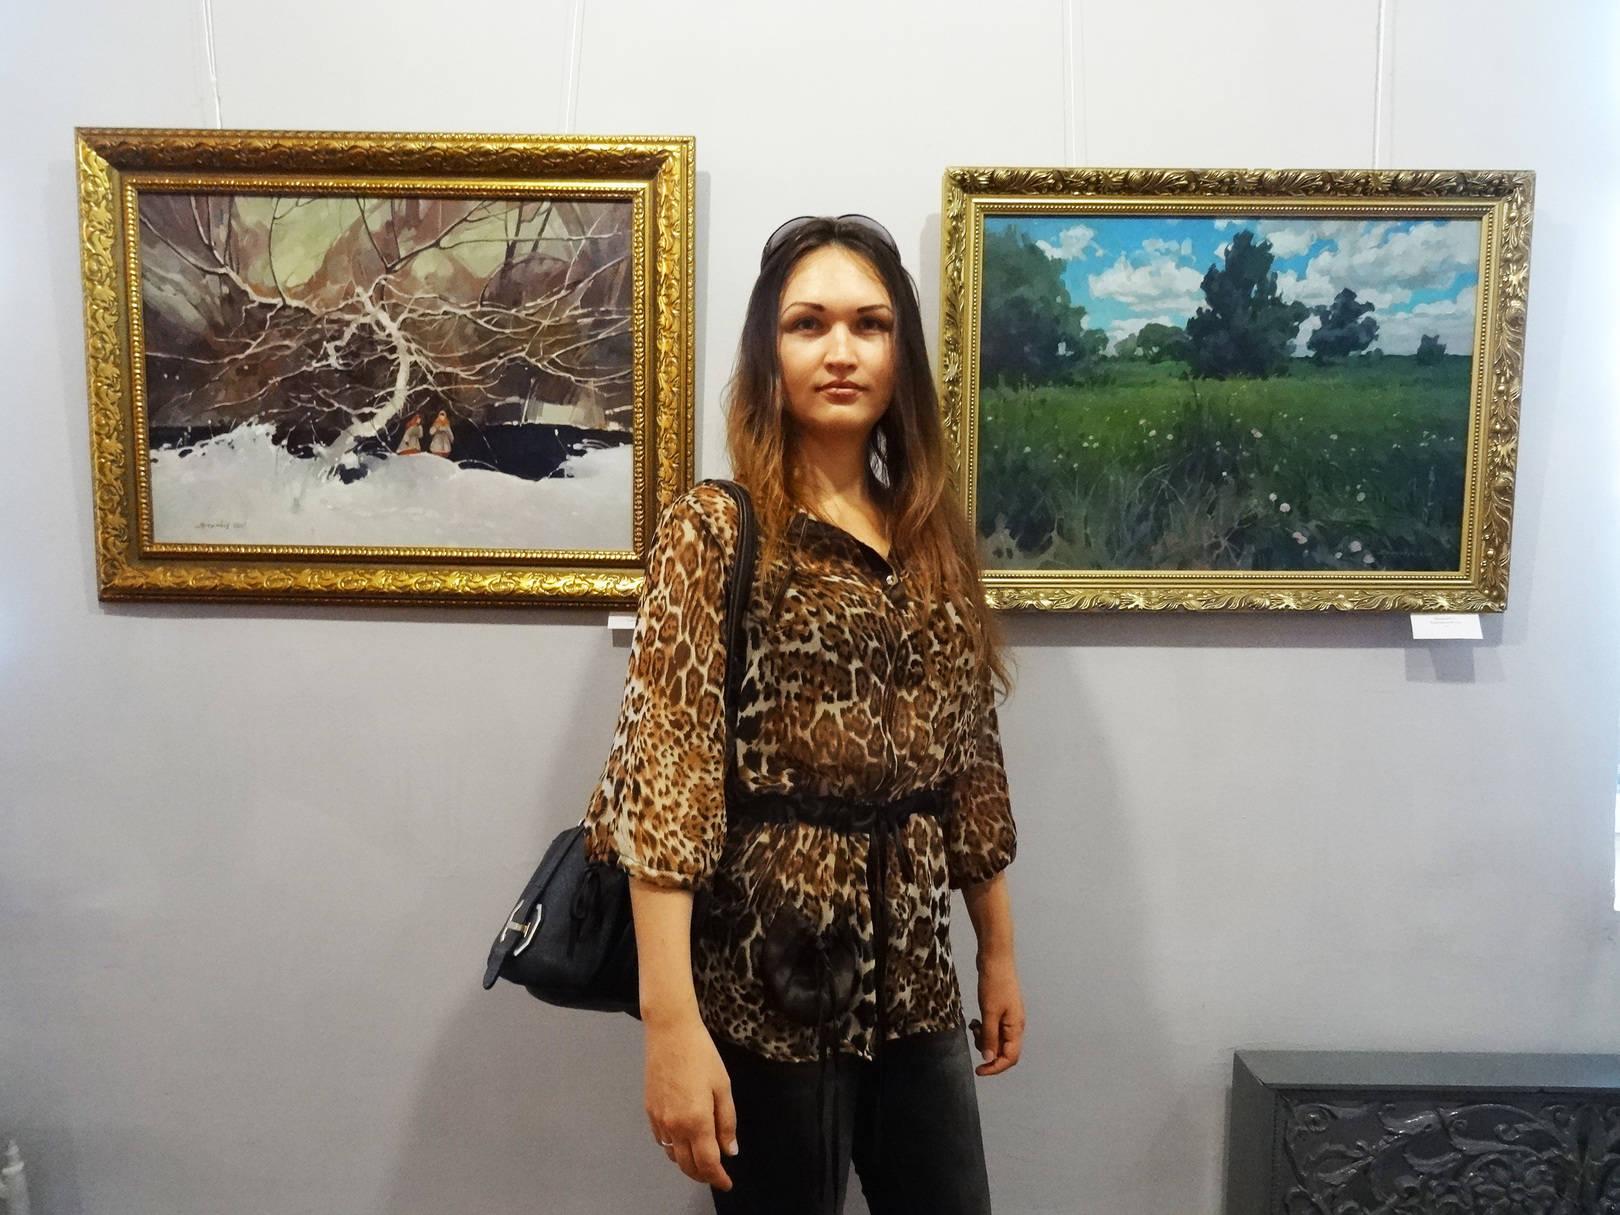 на выставке ко Дню независимости Украины